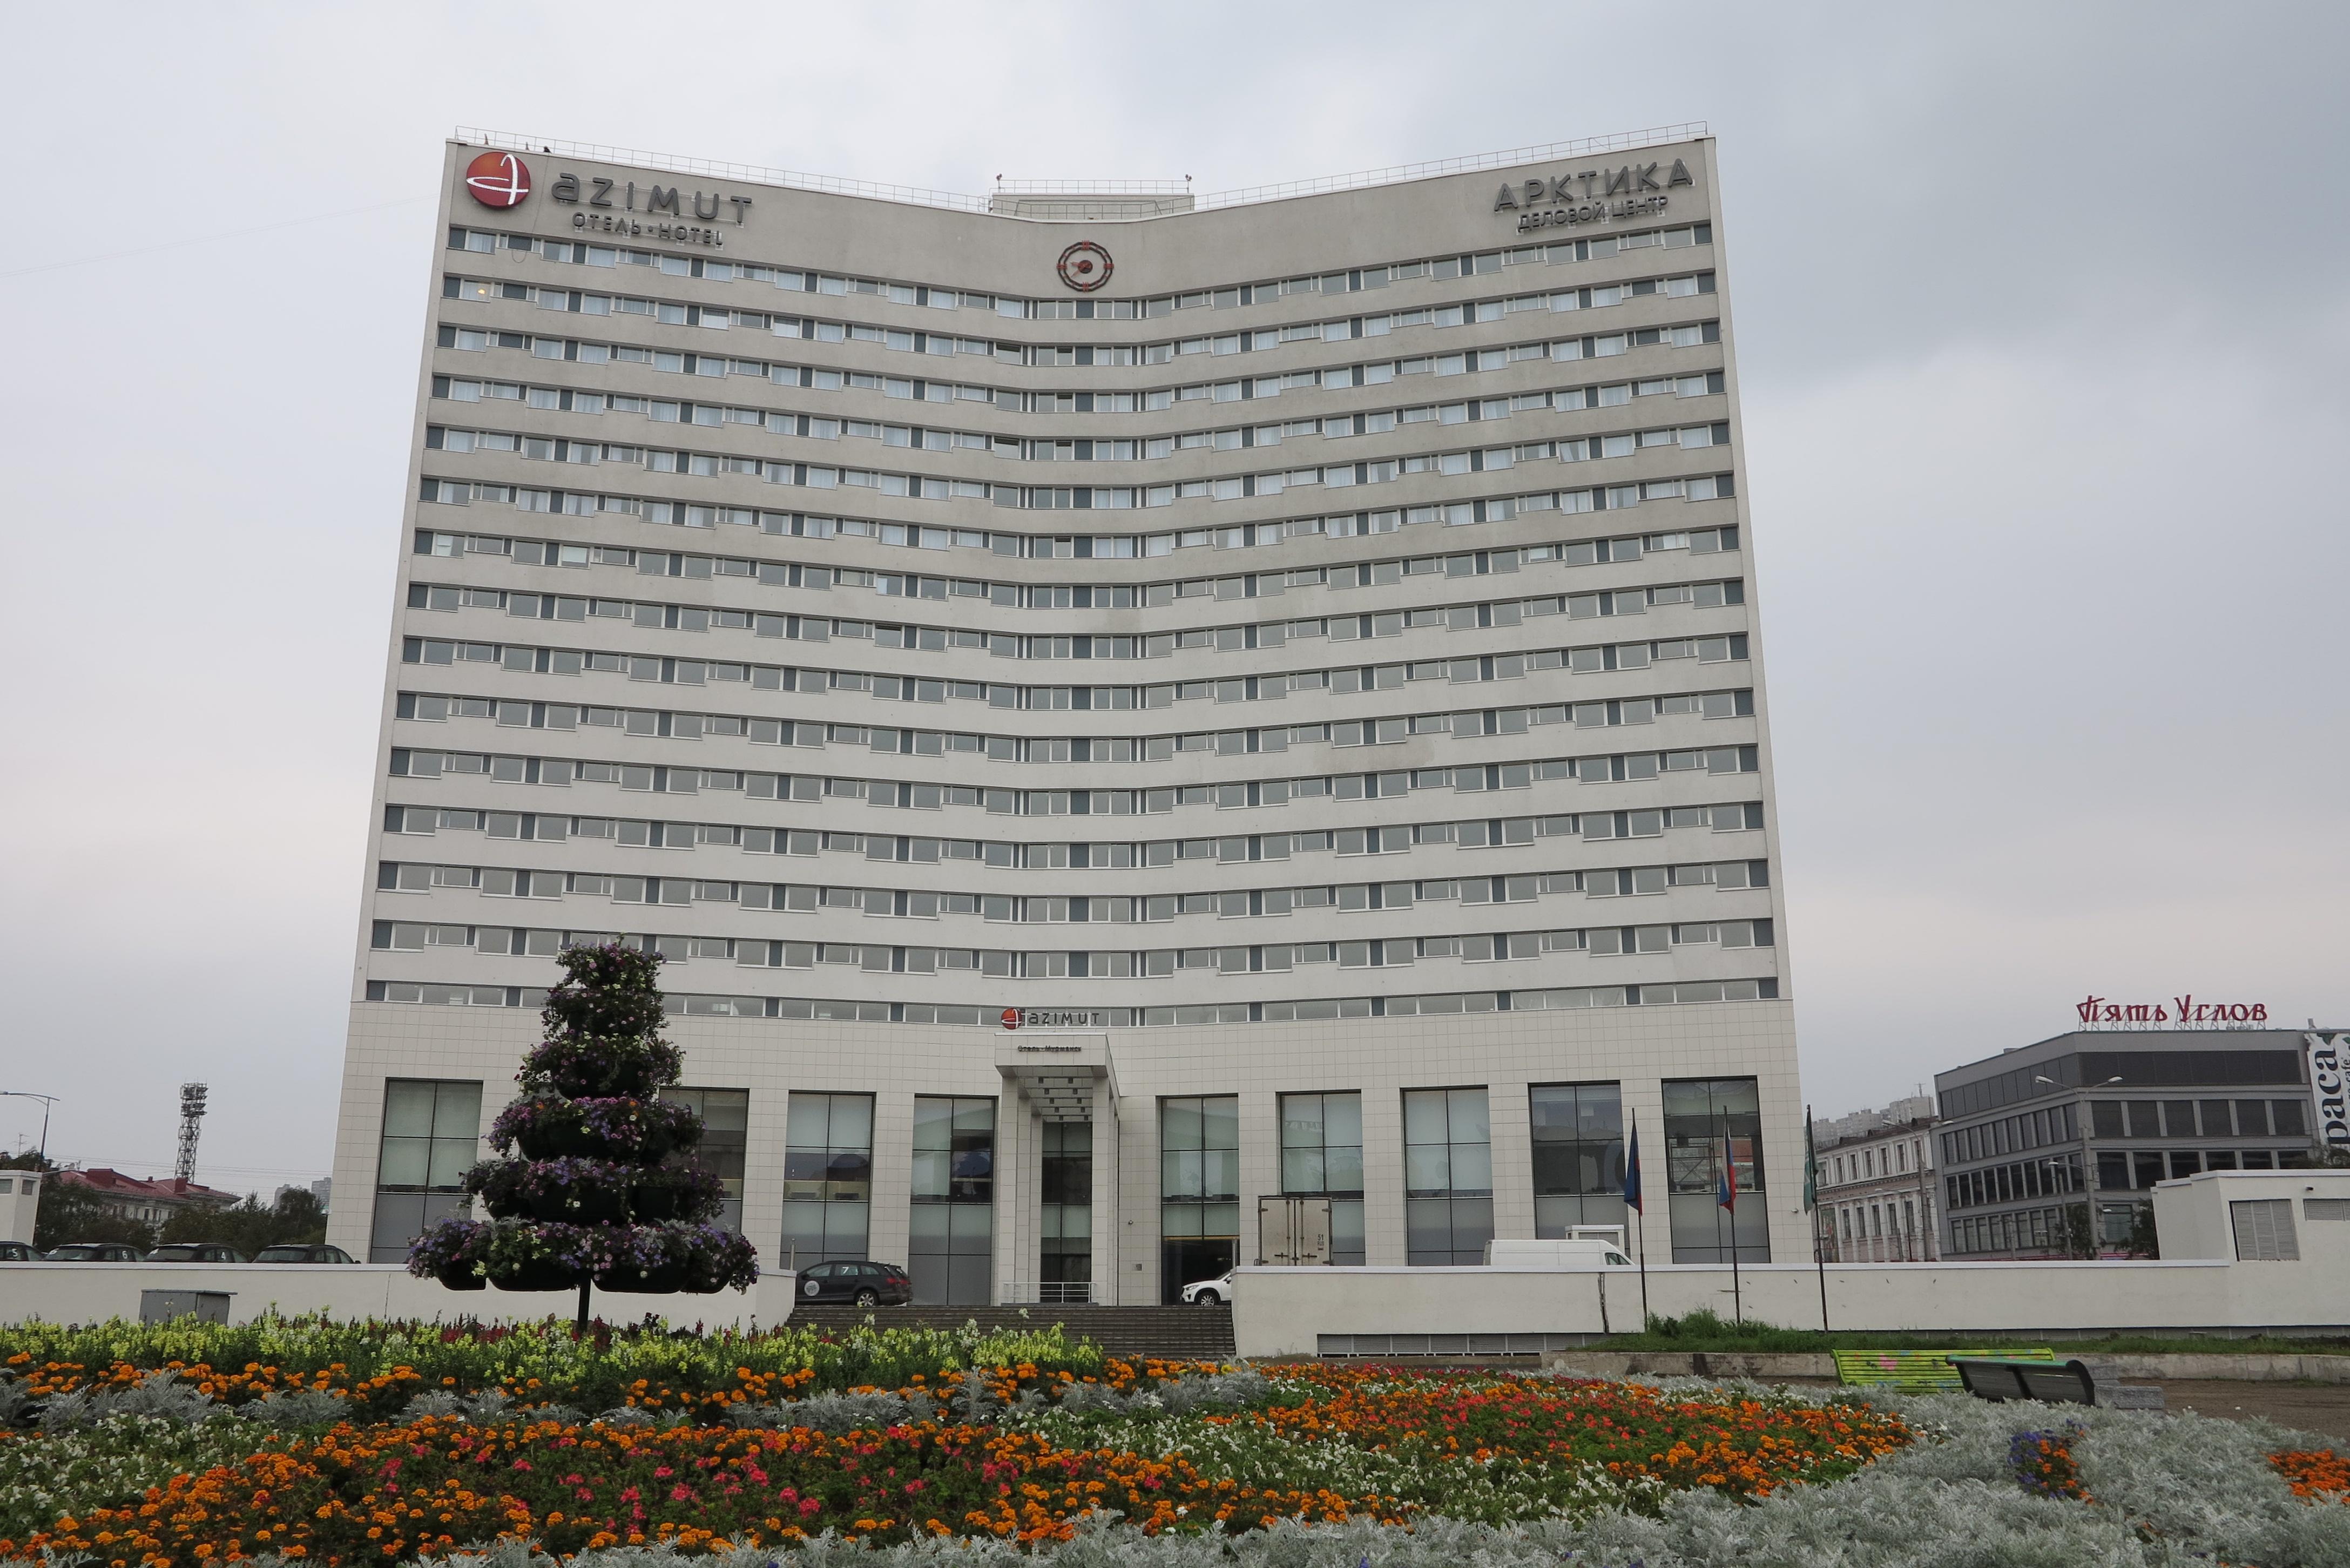 отель Азимут. Самое высокое здание